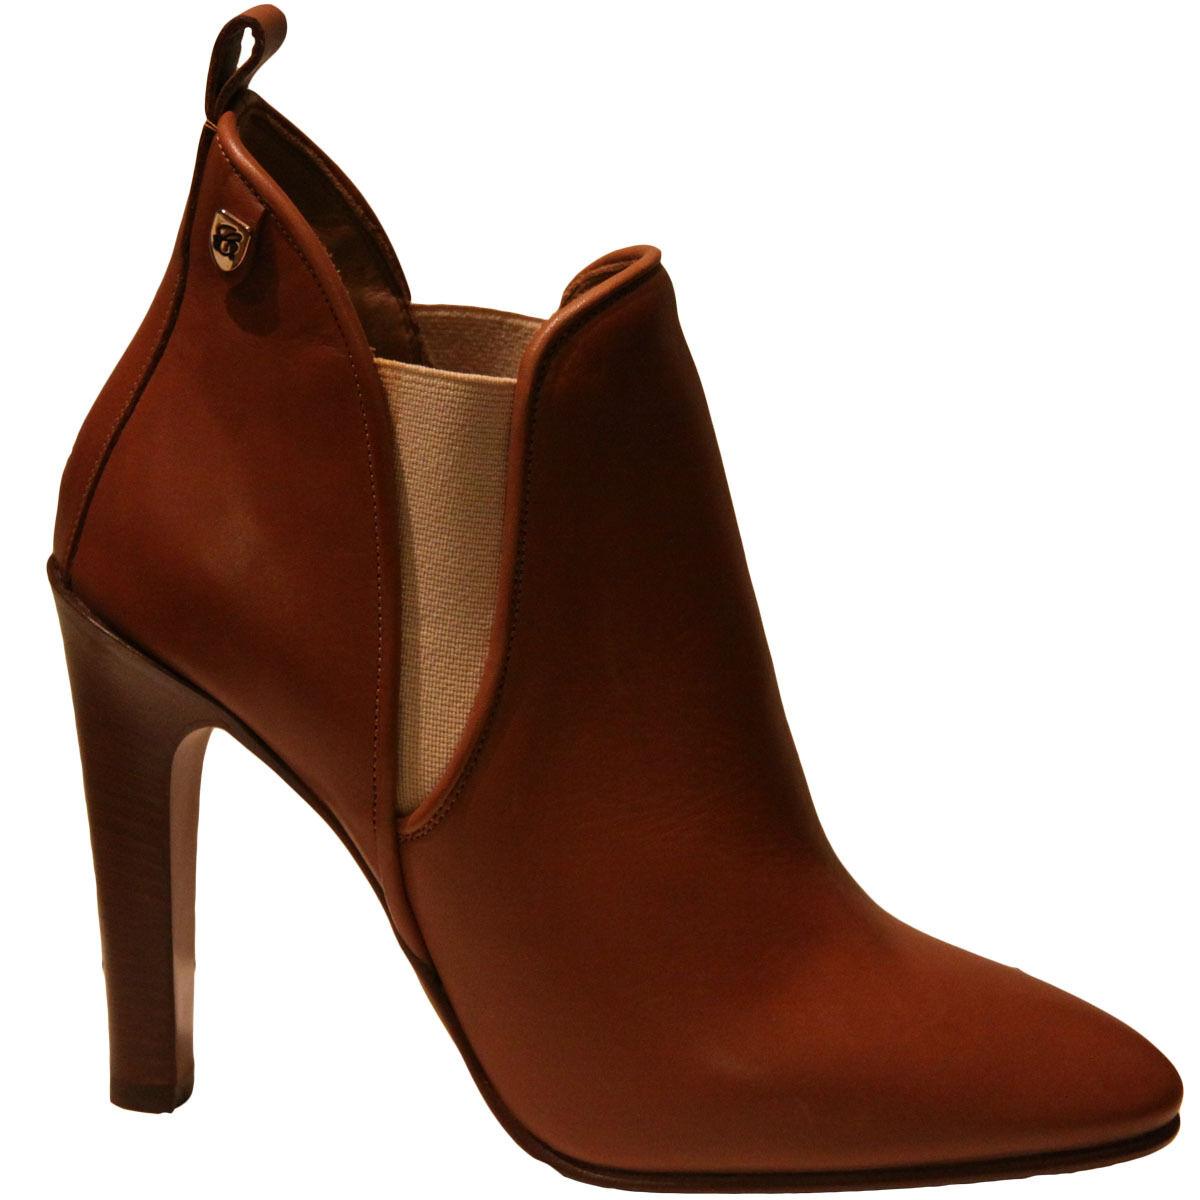 Scarpe CHLOE' mod. classici BREST,Gli stivali da donna classici mod. sono popolari, economici e hanno dimensioni 1bf12f